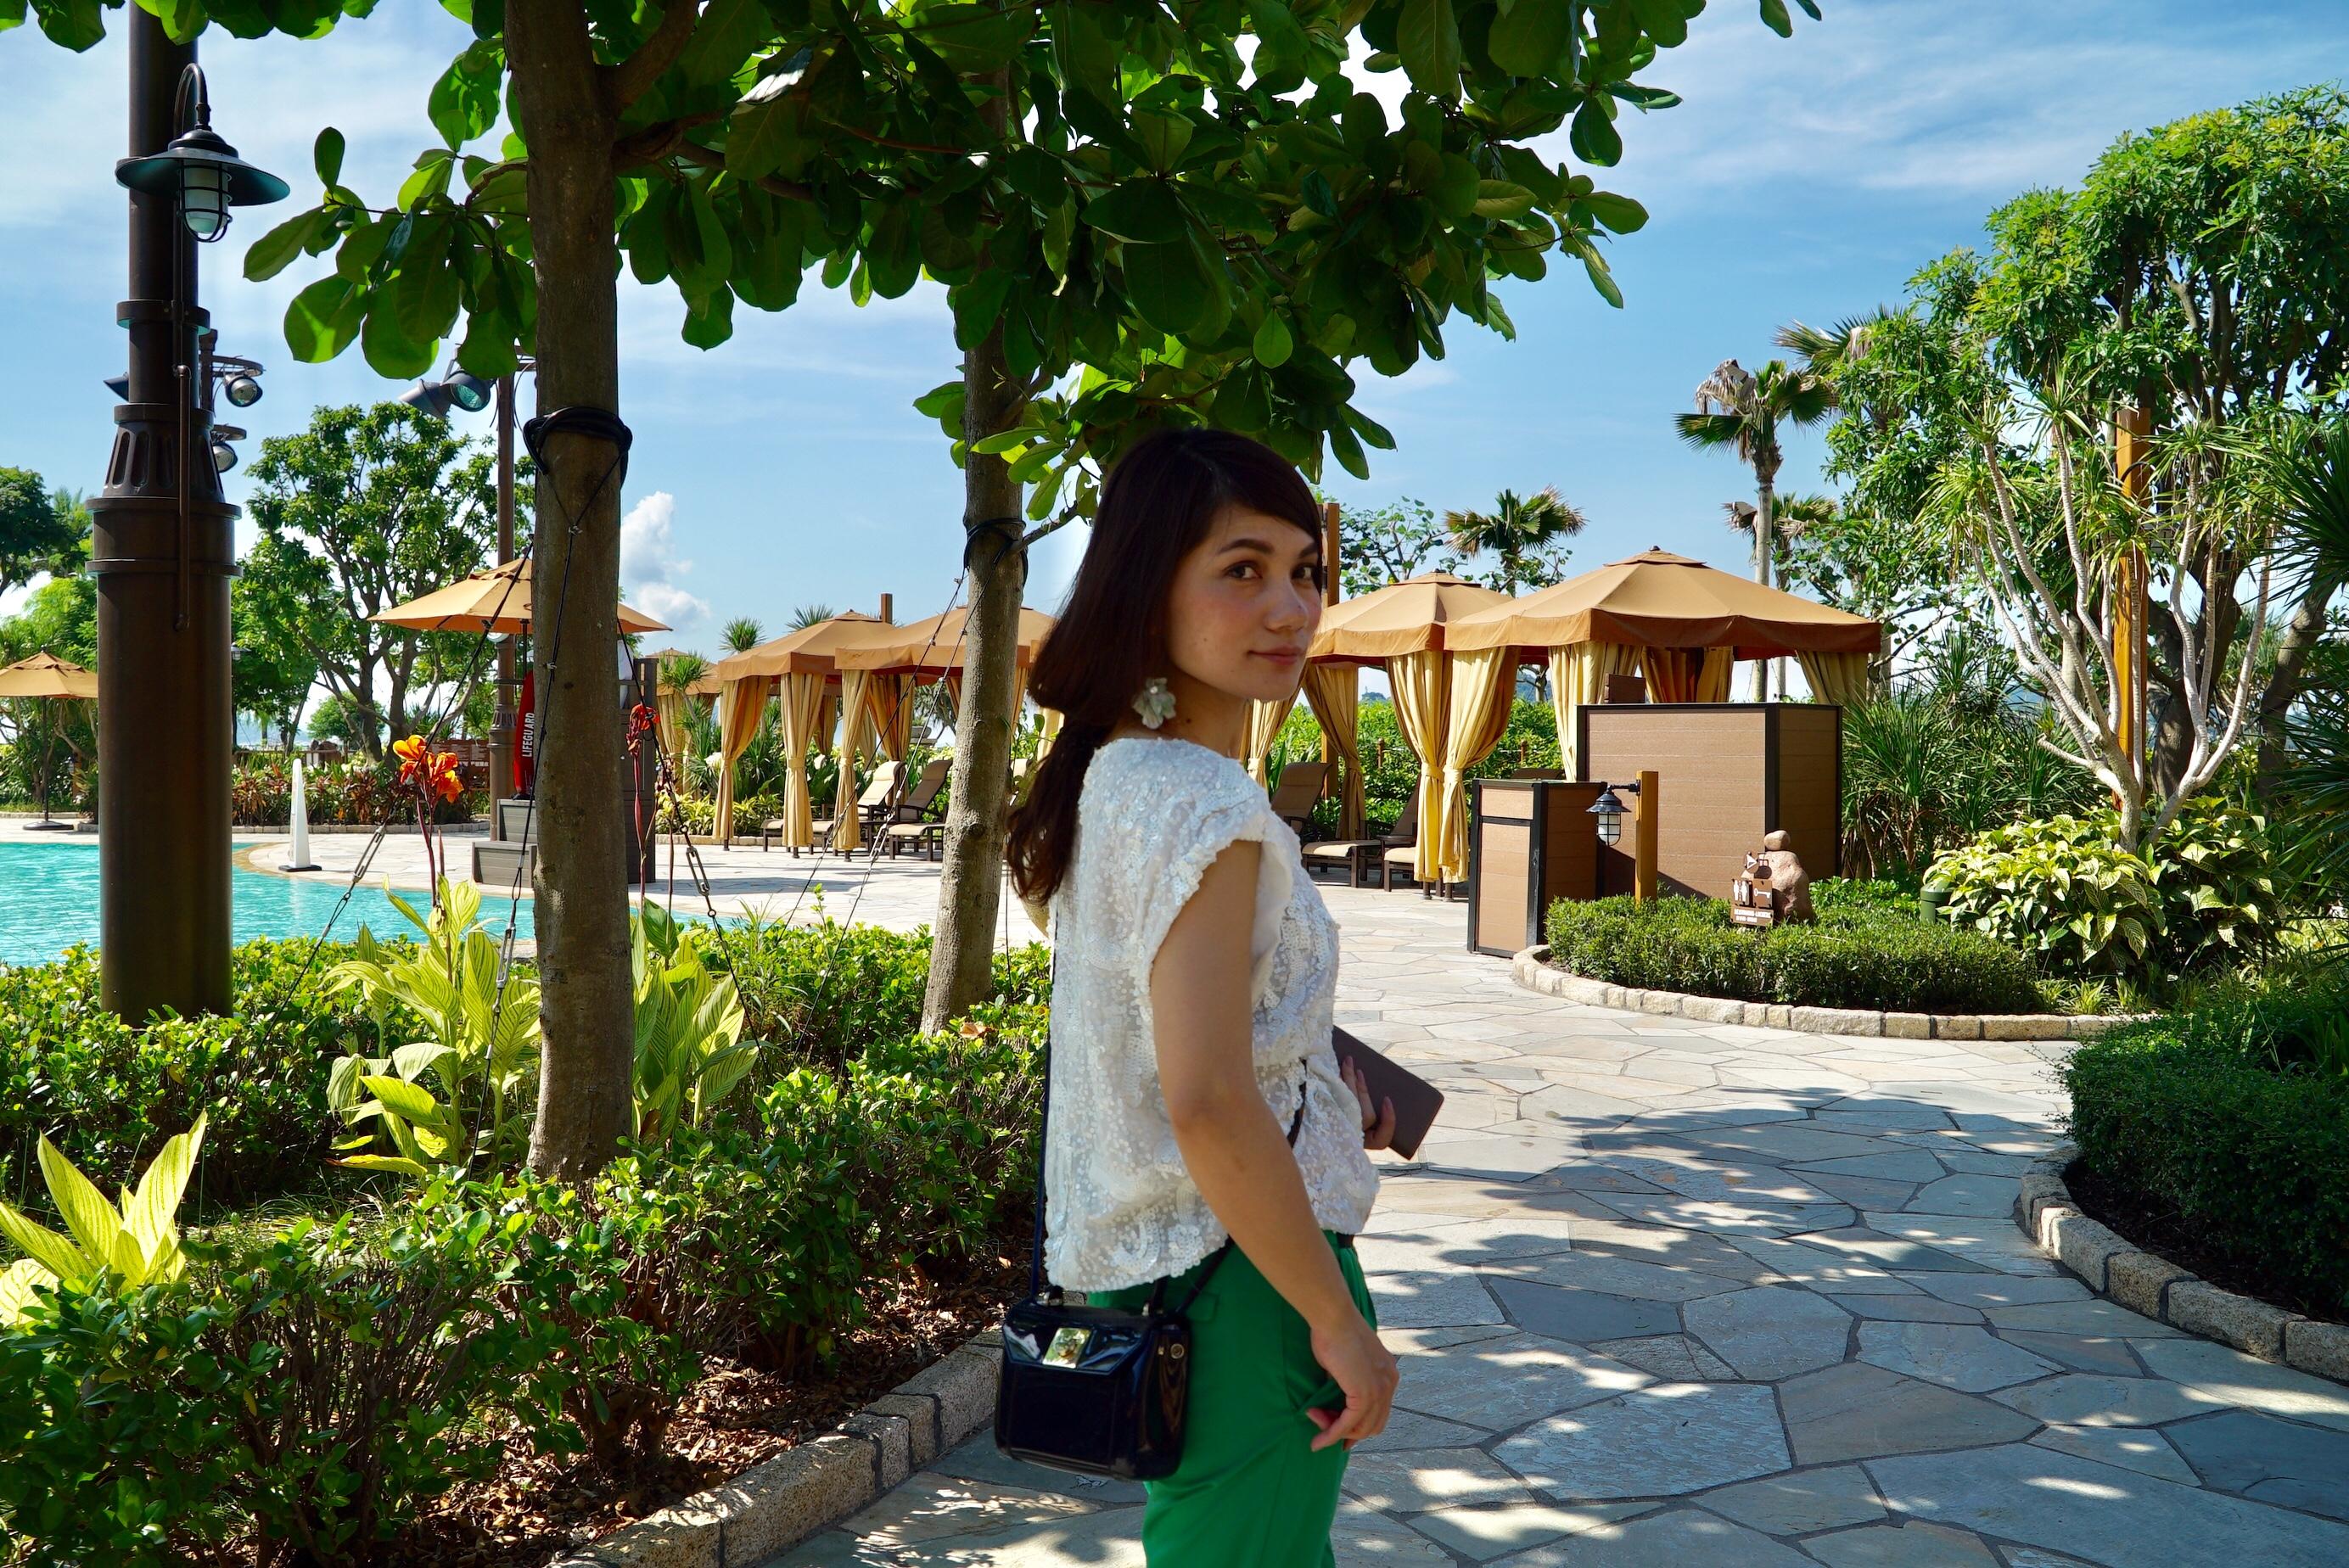 【宿泊レポ】香港 ディズニーランドホテル 「ディズニー・エクスプローラーズ・ロッジ」宿泊してきた!